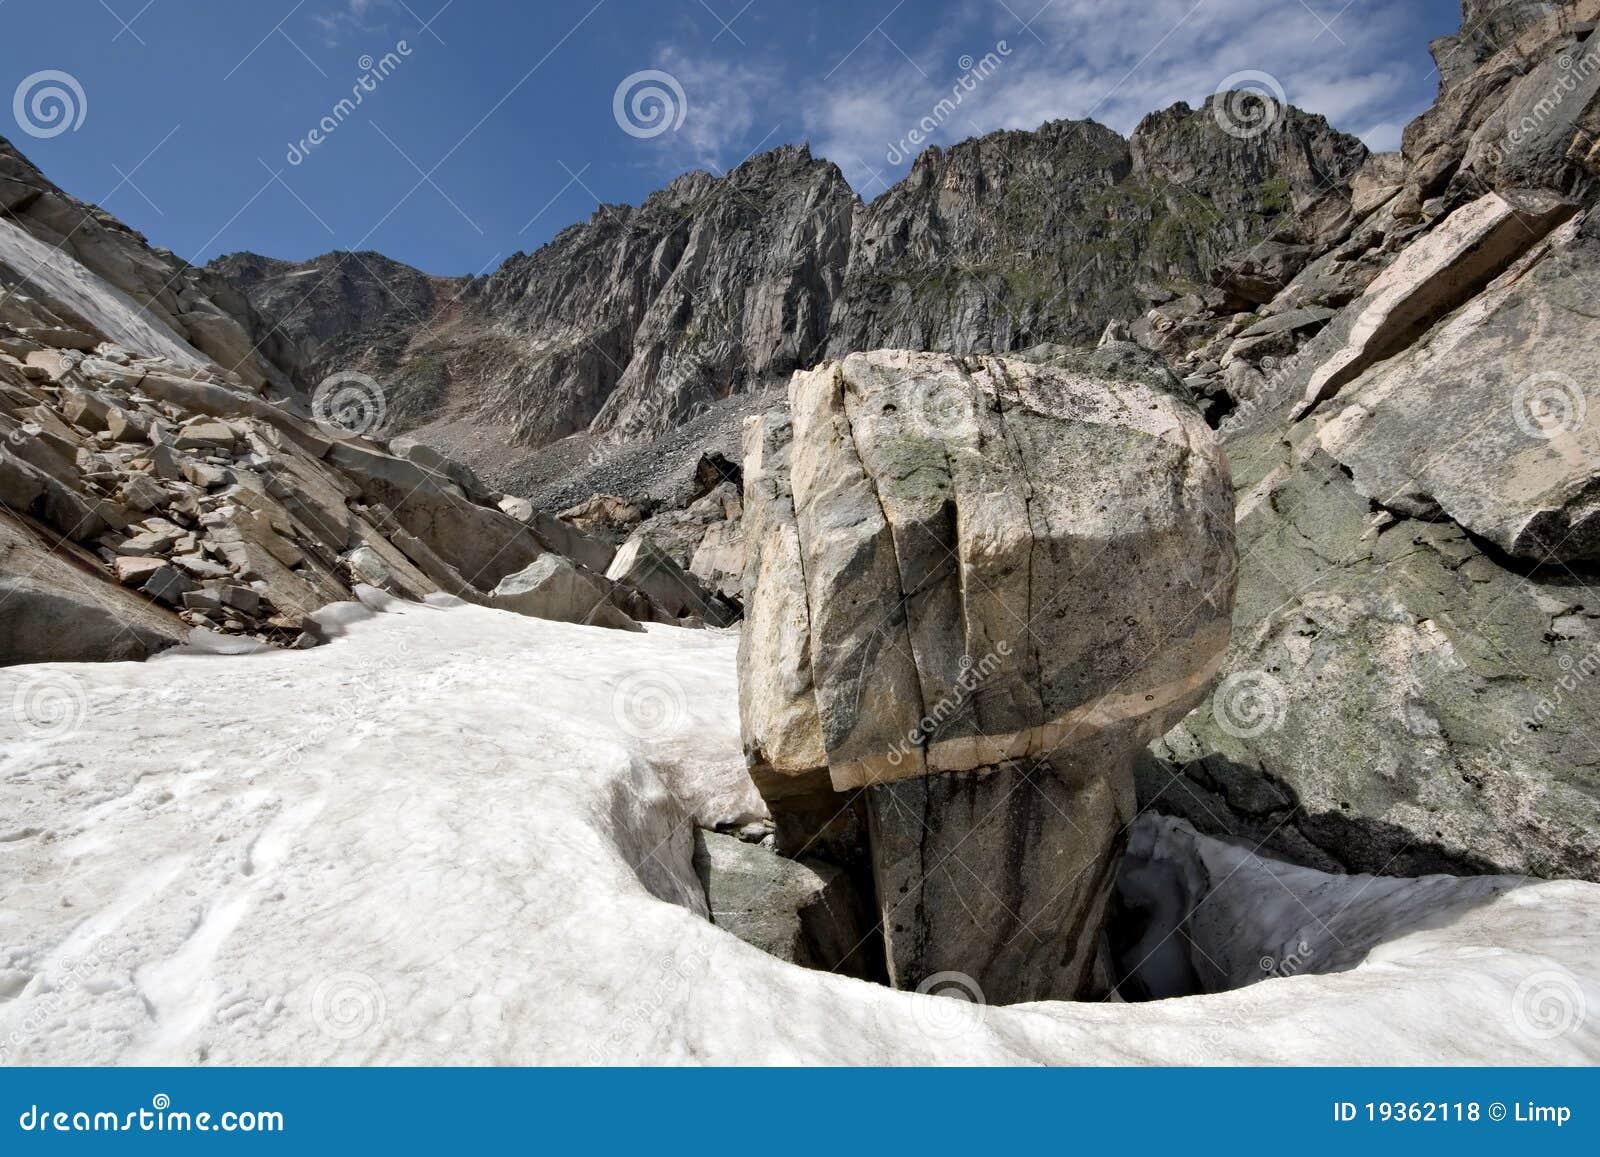 Rocha intricada entre a neve, montanhas de Sayan. Sibéria